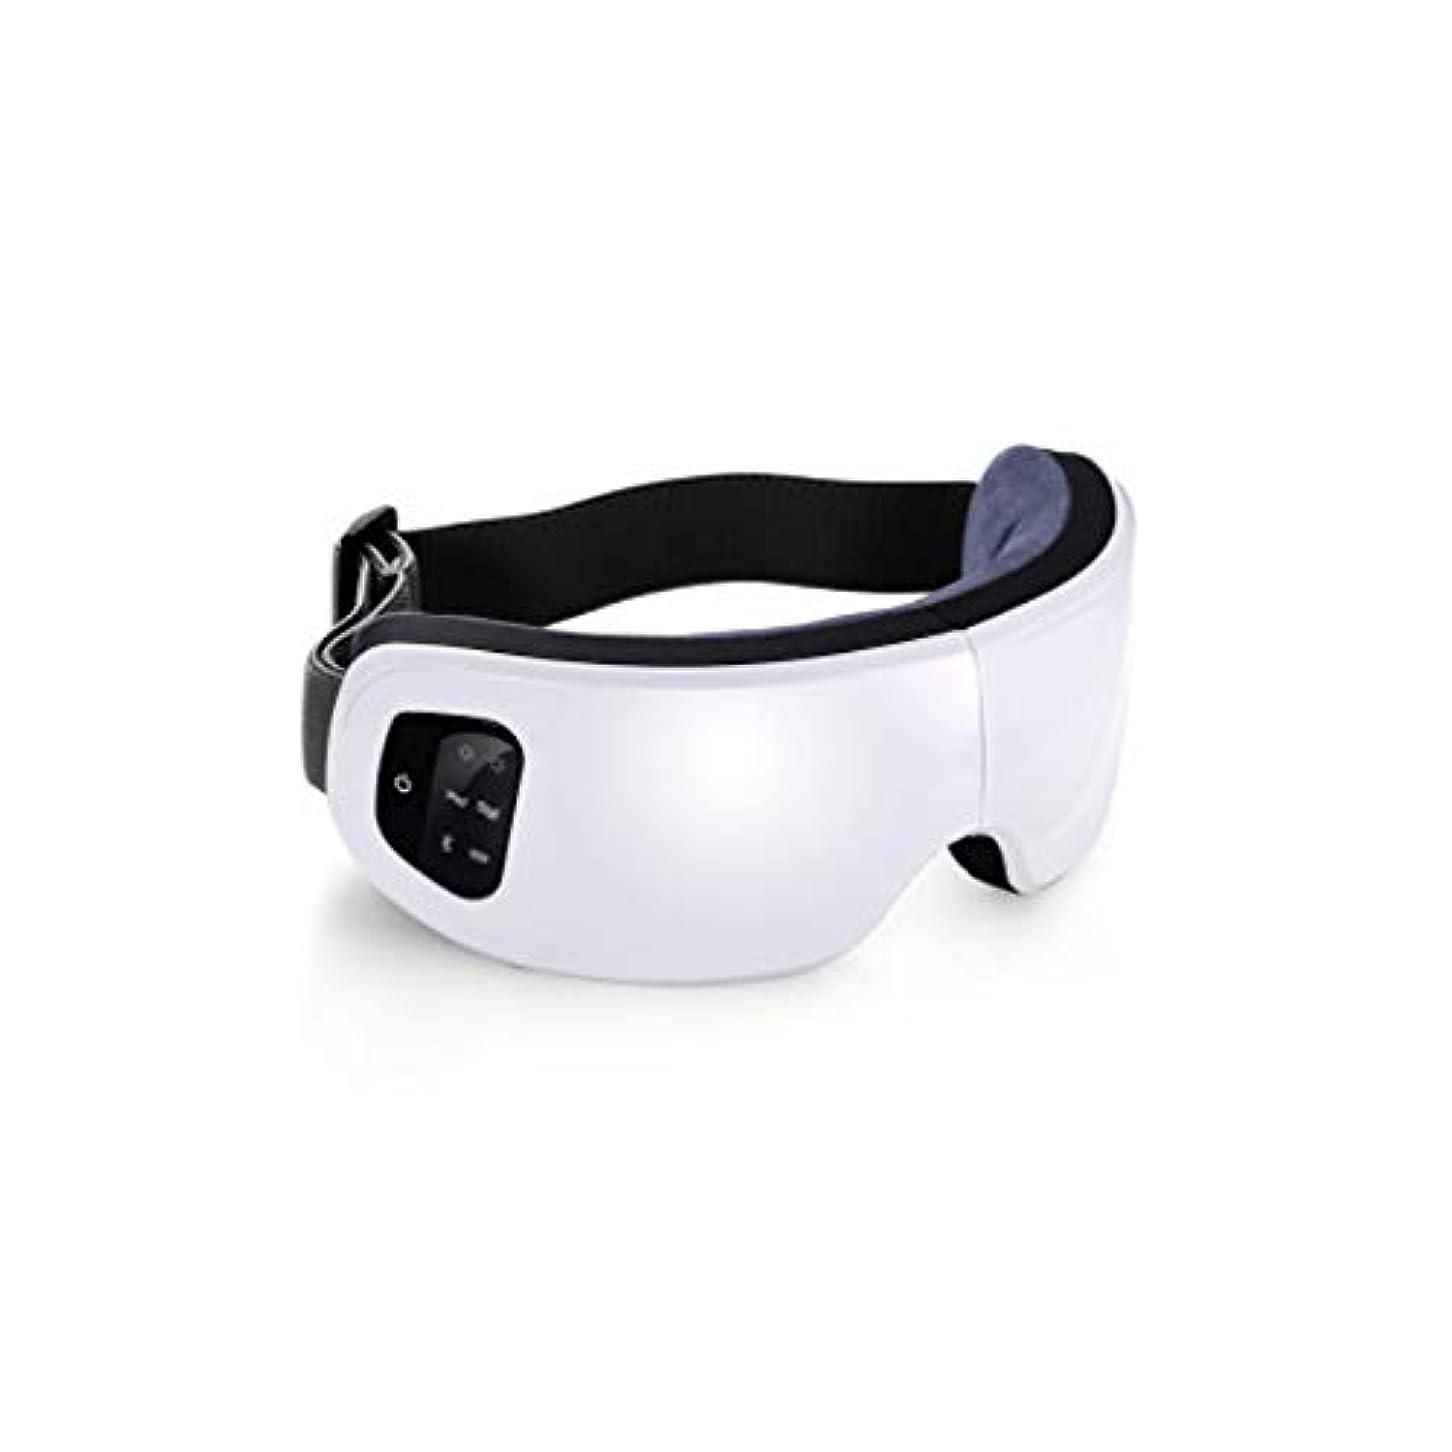 些細な議会物質マッサージャー - 圧力温度インテリジェントアイマスクアイマッサージャー (Color : White, Size : 20.5*8*2cm)